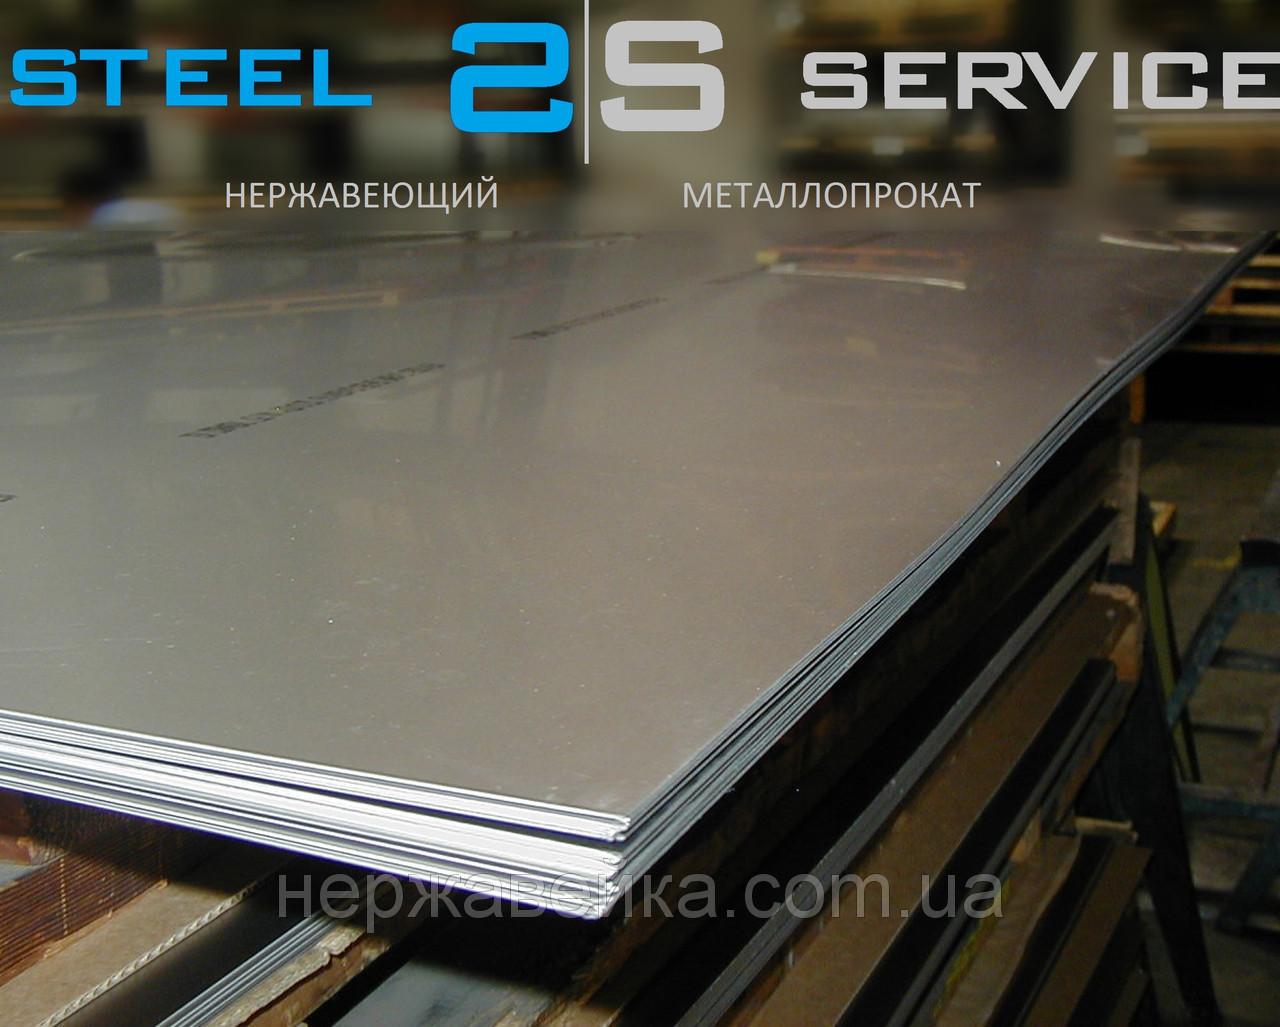 Нержавейка лист 10х1500х6000мм  AISI 309(20Х23Н13, 20Х20Н14С2) F1 - горячекатанный,  жаропрочный